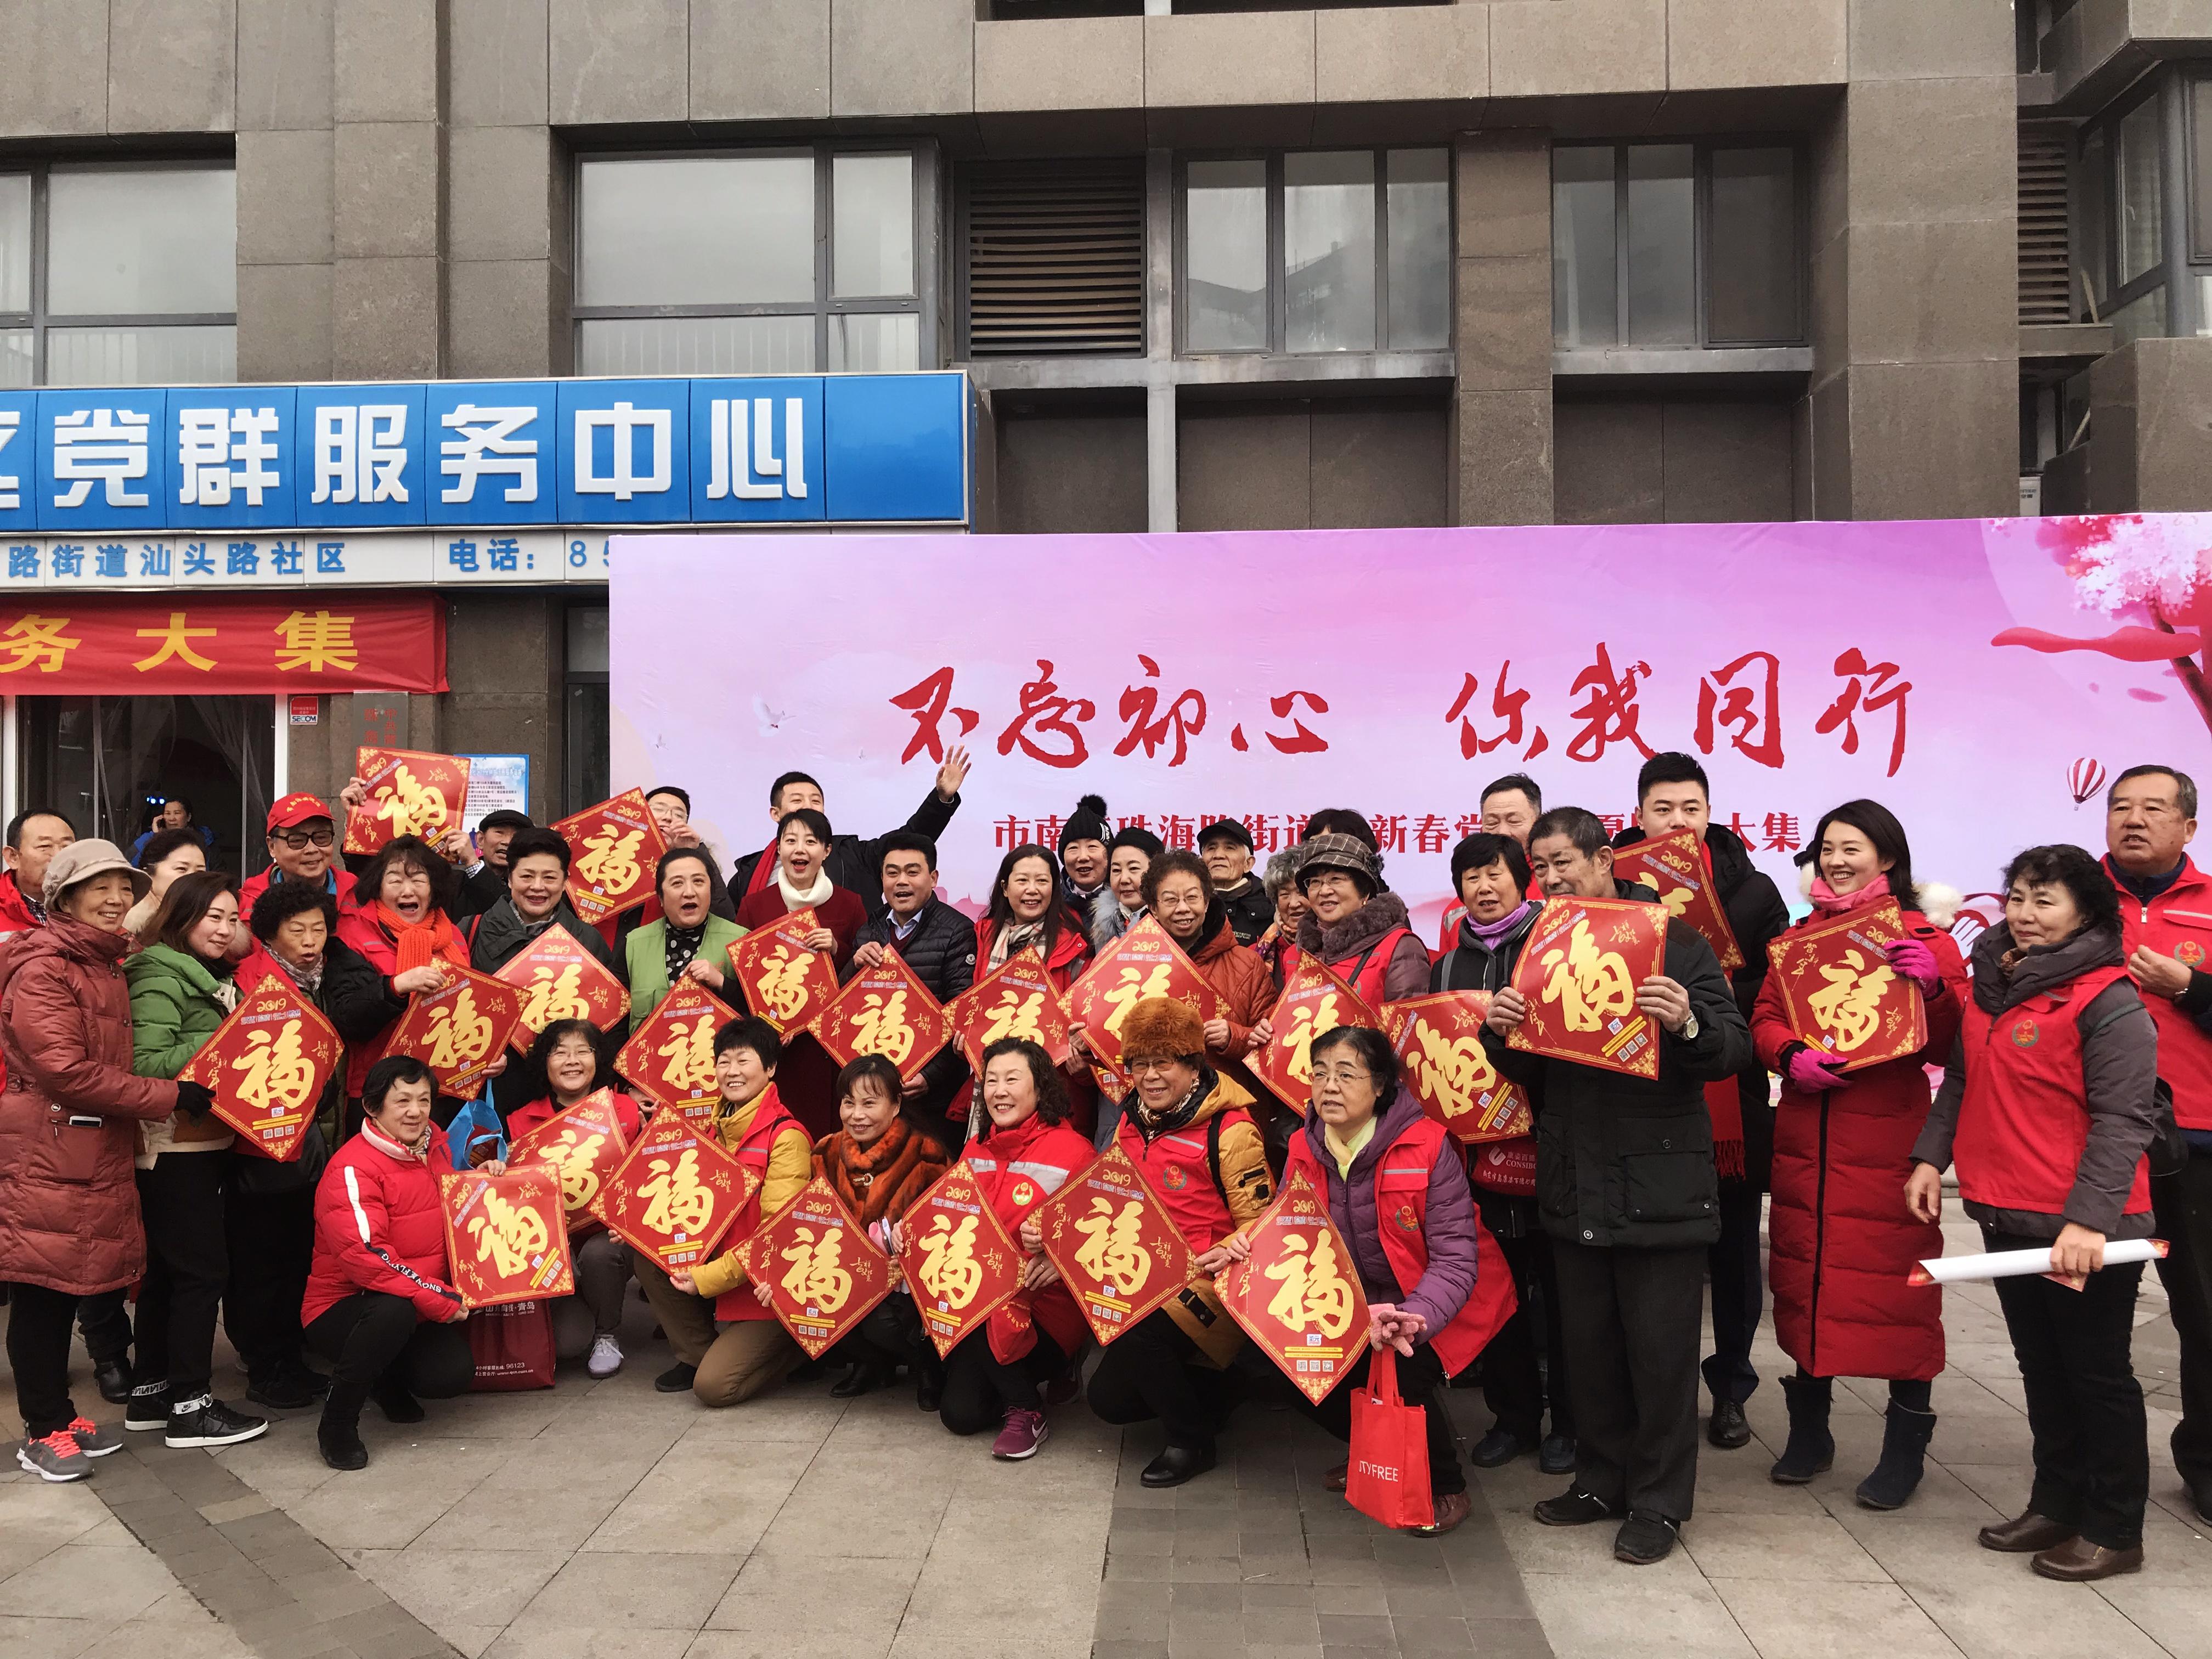 寒冬送温暖 青岛市珠海路街道举办迎新春党员志愿服务大集